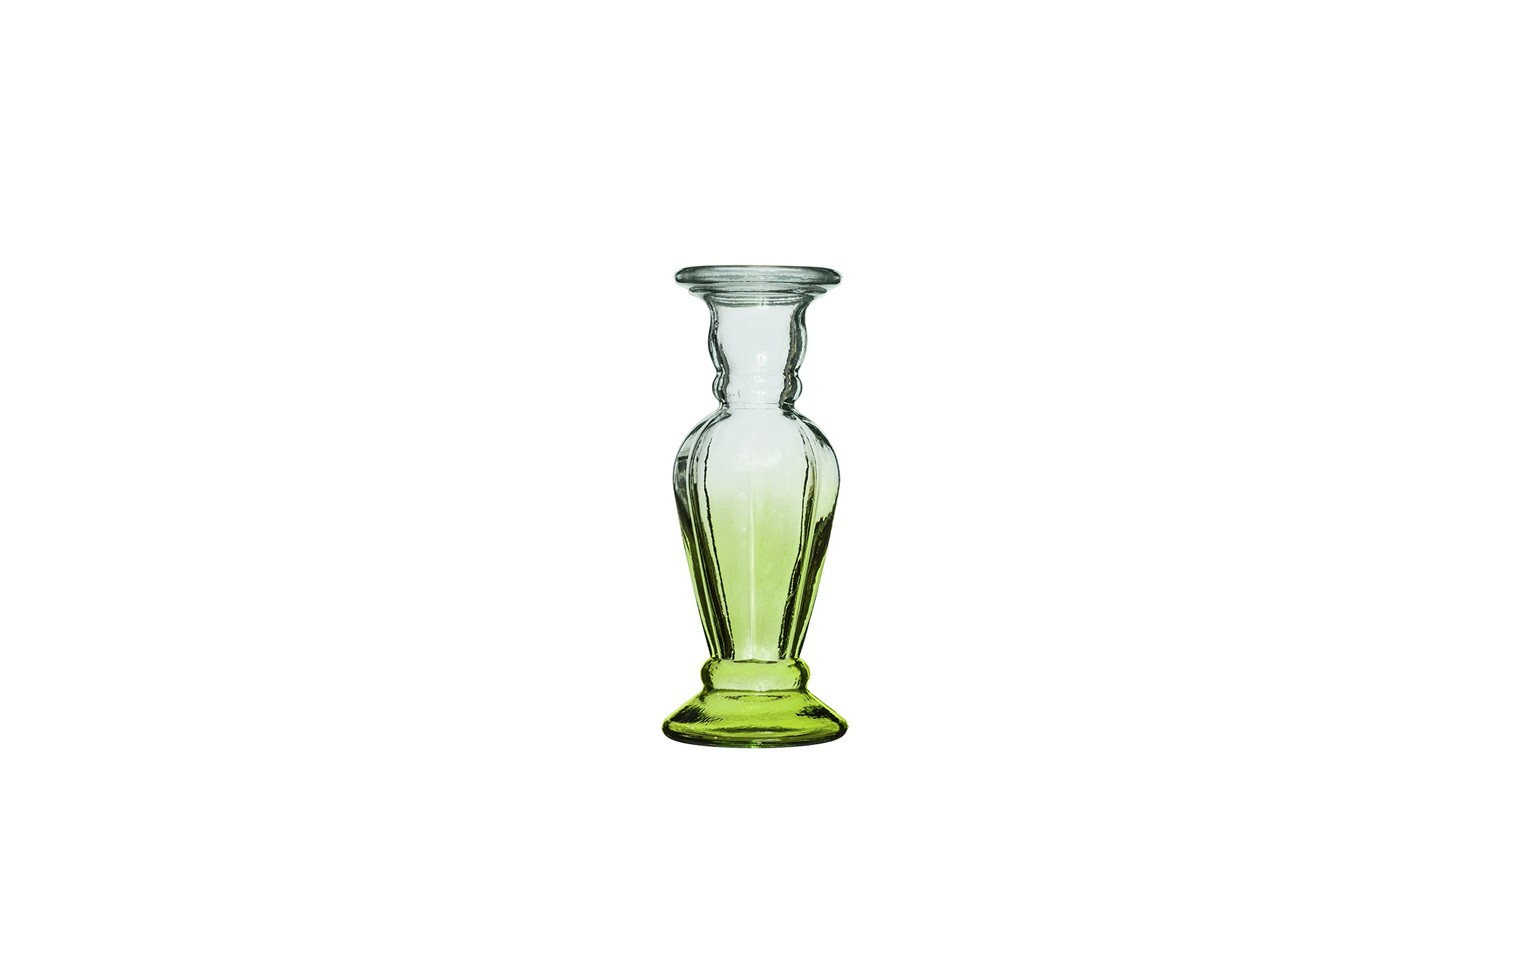 ПодсвечникПодсвечники<br>San Miguel (Испания) – это мощнейшая компания, которая занимается производством очень качественной и оригинальной продукции из переработанного стекла. Vidrios San Miguel известный бренд во всем мире. В наши дни, Vidrios San Miguel имеет более чем 25 000 торговых точек.  Vidrios San Miguel занимается производством стеклянных изделий: посуда, бутылки, вазы, сувениры, украшения и многое другое. Основной экспорт происходит в страны: западной и восточной Европы, Америки, Азии и Африки.<br><br>Material: Стекло<br>Height см: 30<br>Diameter см: 11